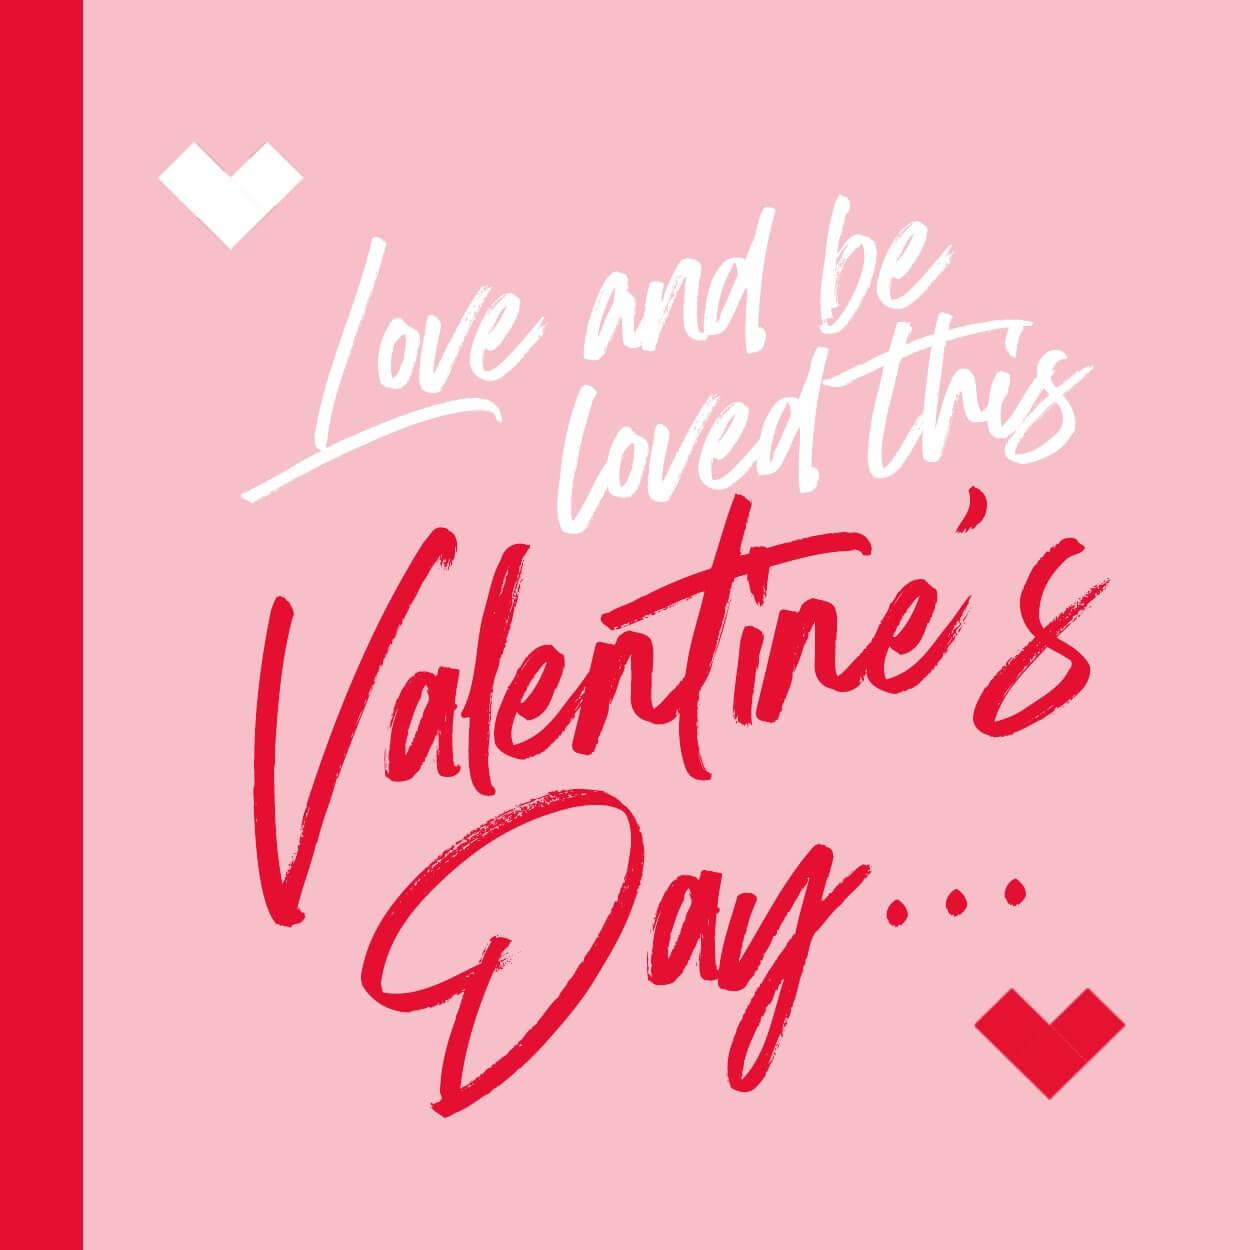 Unsere Valentinstag Beauty Box kommt gleich... bist du schon auf die Warteliste?